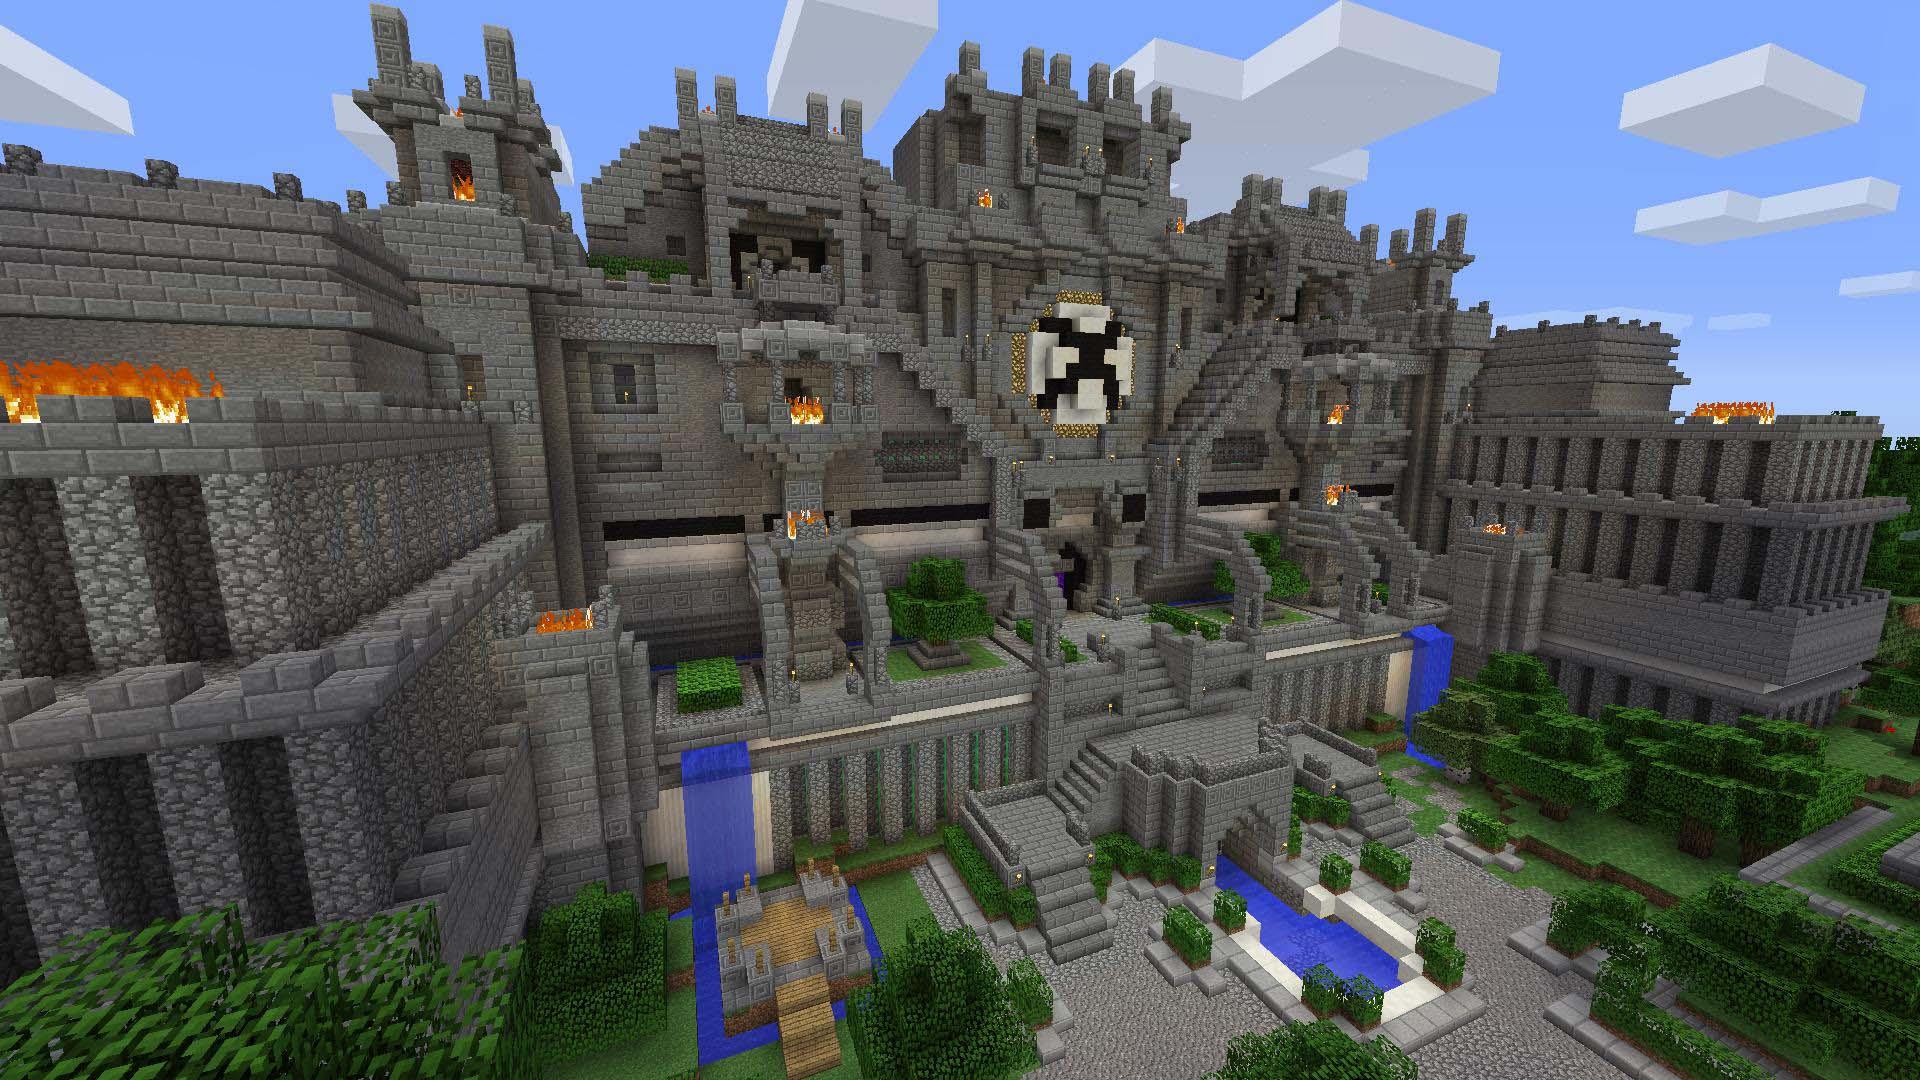 Hình nền minecraft 3D